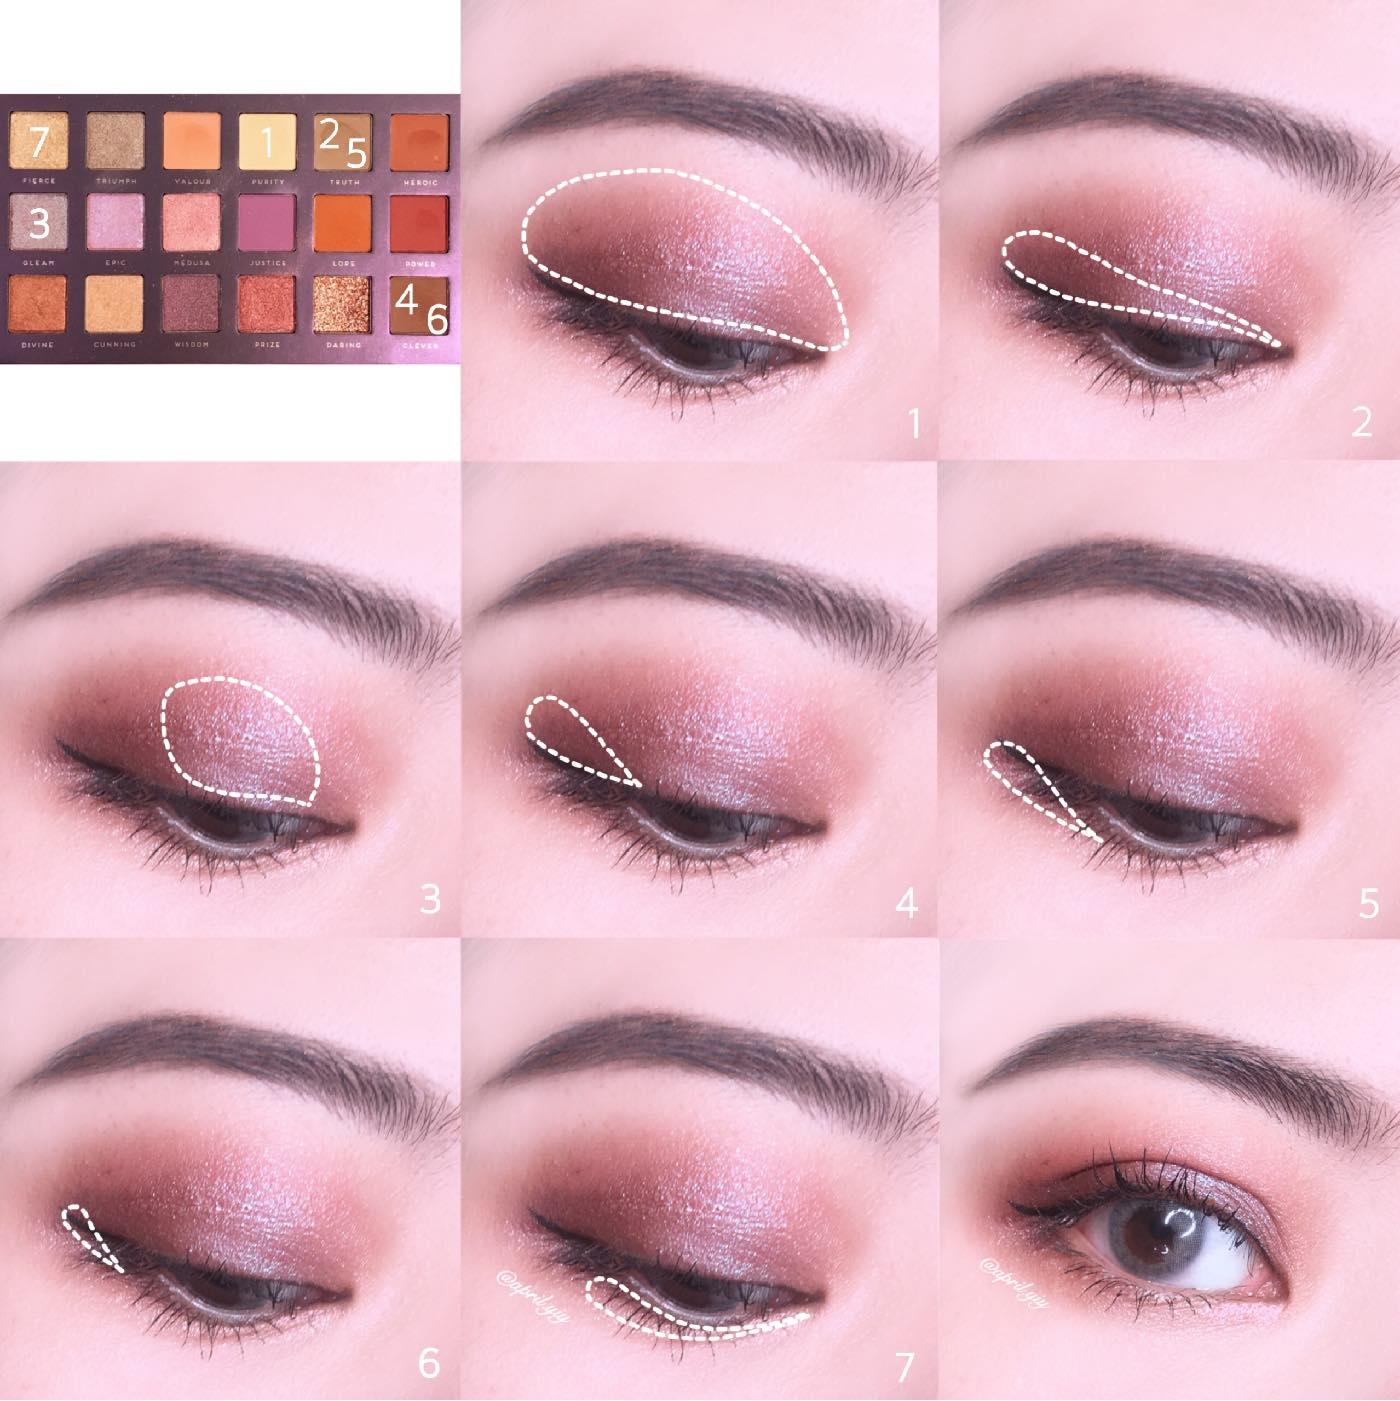 這個眼妝用到的是Badhabit的Athena眼影盤: 1. 使用淺膚色稍作眼皮打底,均勻眼皮膚色讓之後的眼影更加顯色 2. 使用淺咖色加深眼皮折線處以下的範圍 3. 使用偏光灰紫色上在眼皮中央 4. 使用深咖啡色加深眼尾ㄑ字 5. 使用淺咖色尚在眼下後1/3的位置 6. 用同3的深咖啡色上加深眼下後1/3的位置,範圍比前一個步驟的在縮小一些 7. 使用金色上在眼下前2/3